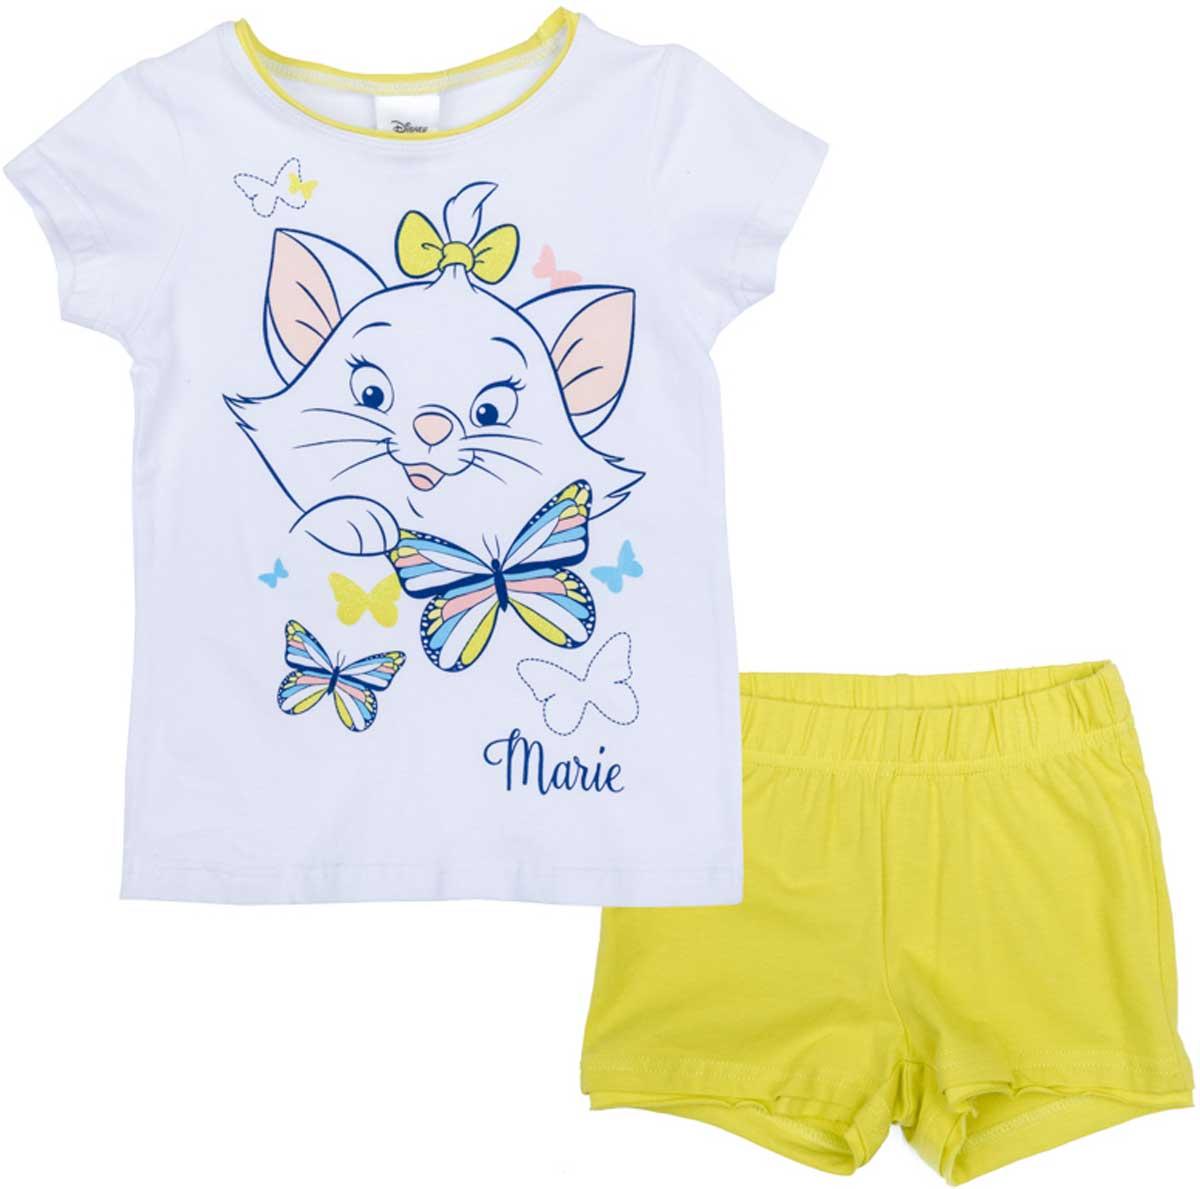 Комплект для девочки PlayToday: футболка, шорты, цвет: белый, желтый, синий. 672105. Размер 104672105Комплект из футболки и шорт прекрасно подойдет как для домашнего использования, так и для прогулок на свежем воздухе. Мягкий, приятный к телу, материал не сковывает движений. Яркий стильный принт является достойным украшением данного изделия. Шорты на мягкой удобной резинке.